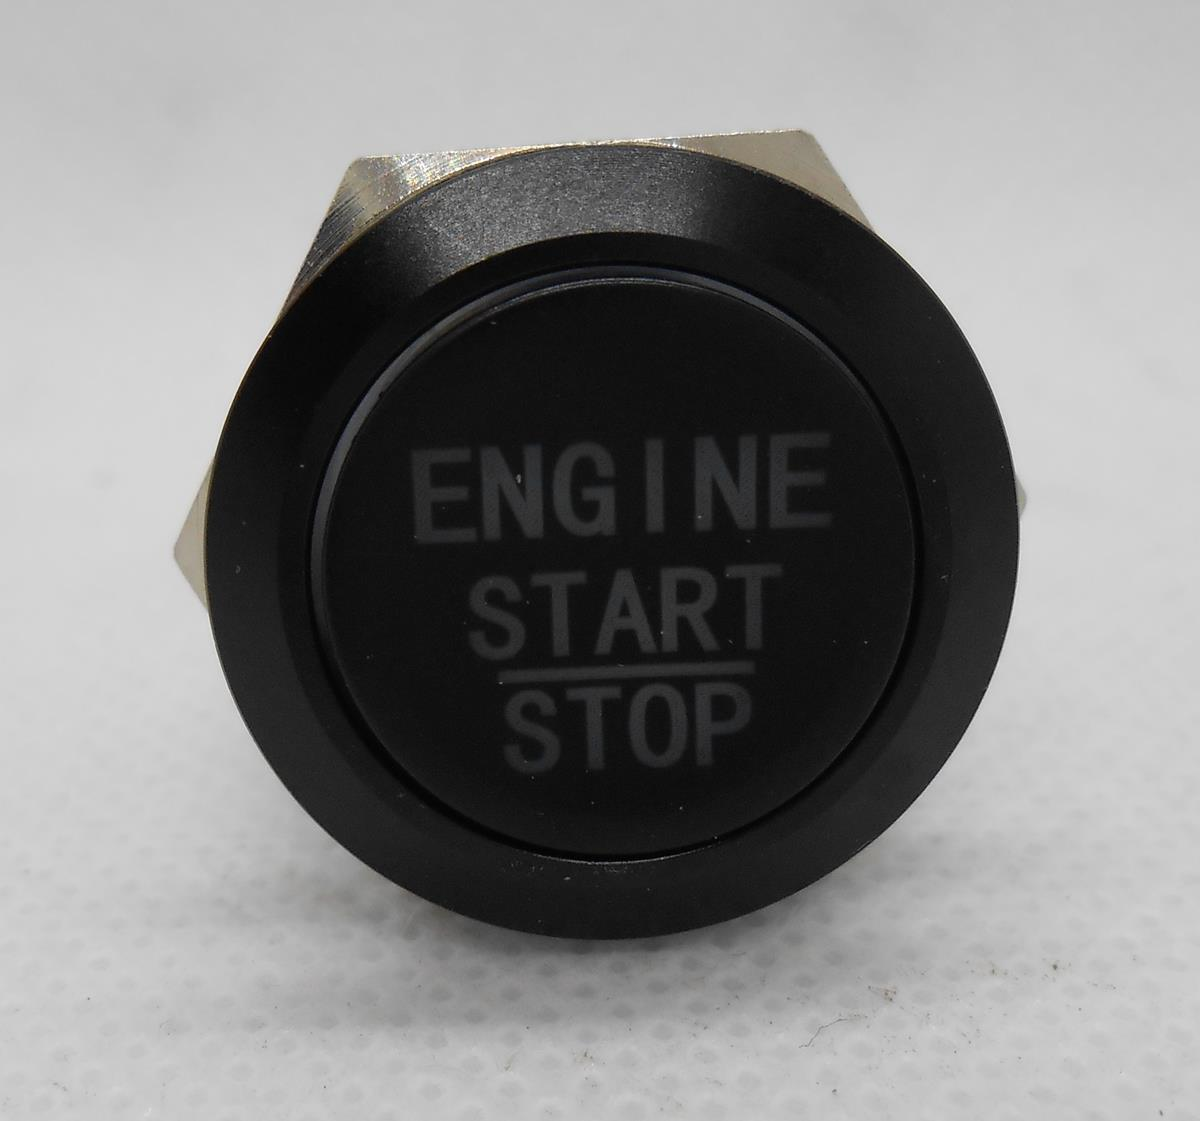 מתג סוויץ ENGINE START STOP להתקנה עי טכנאי מוסמך בלבד